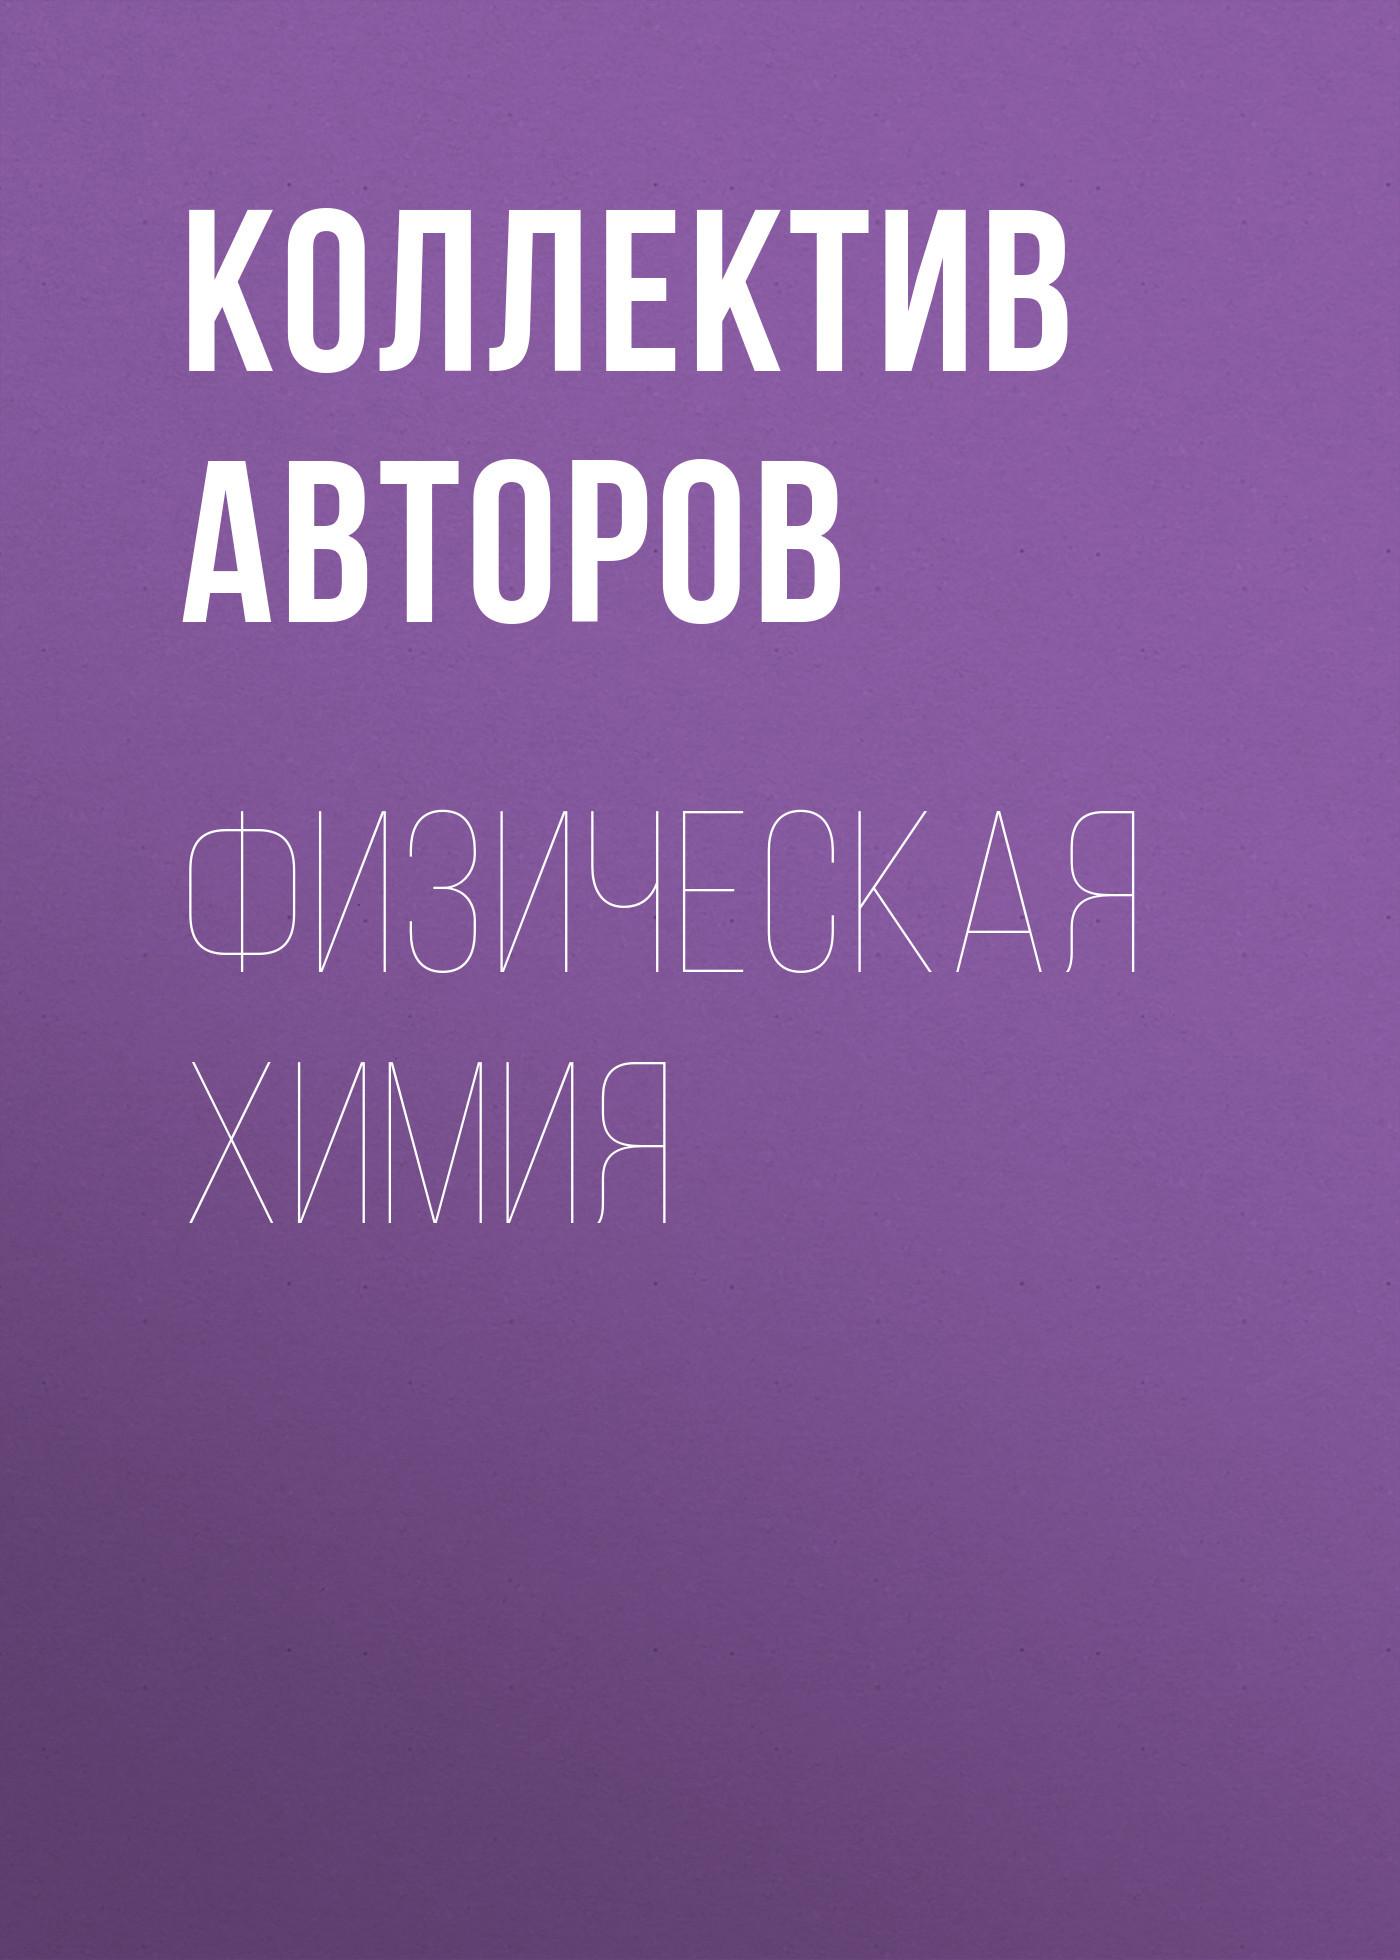 Коллектив авторов Физическая химия коллектив авторов палеоантропология беларуси